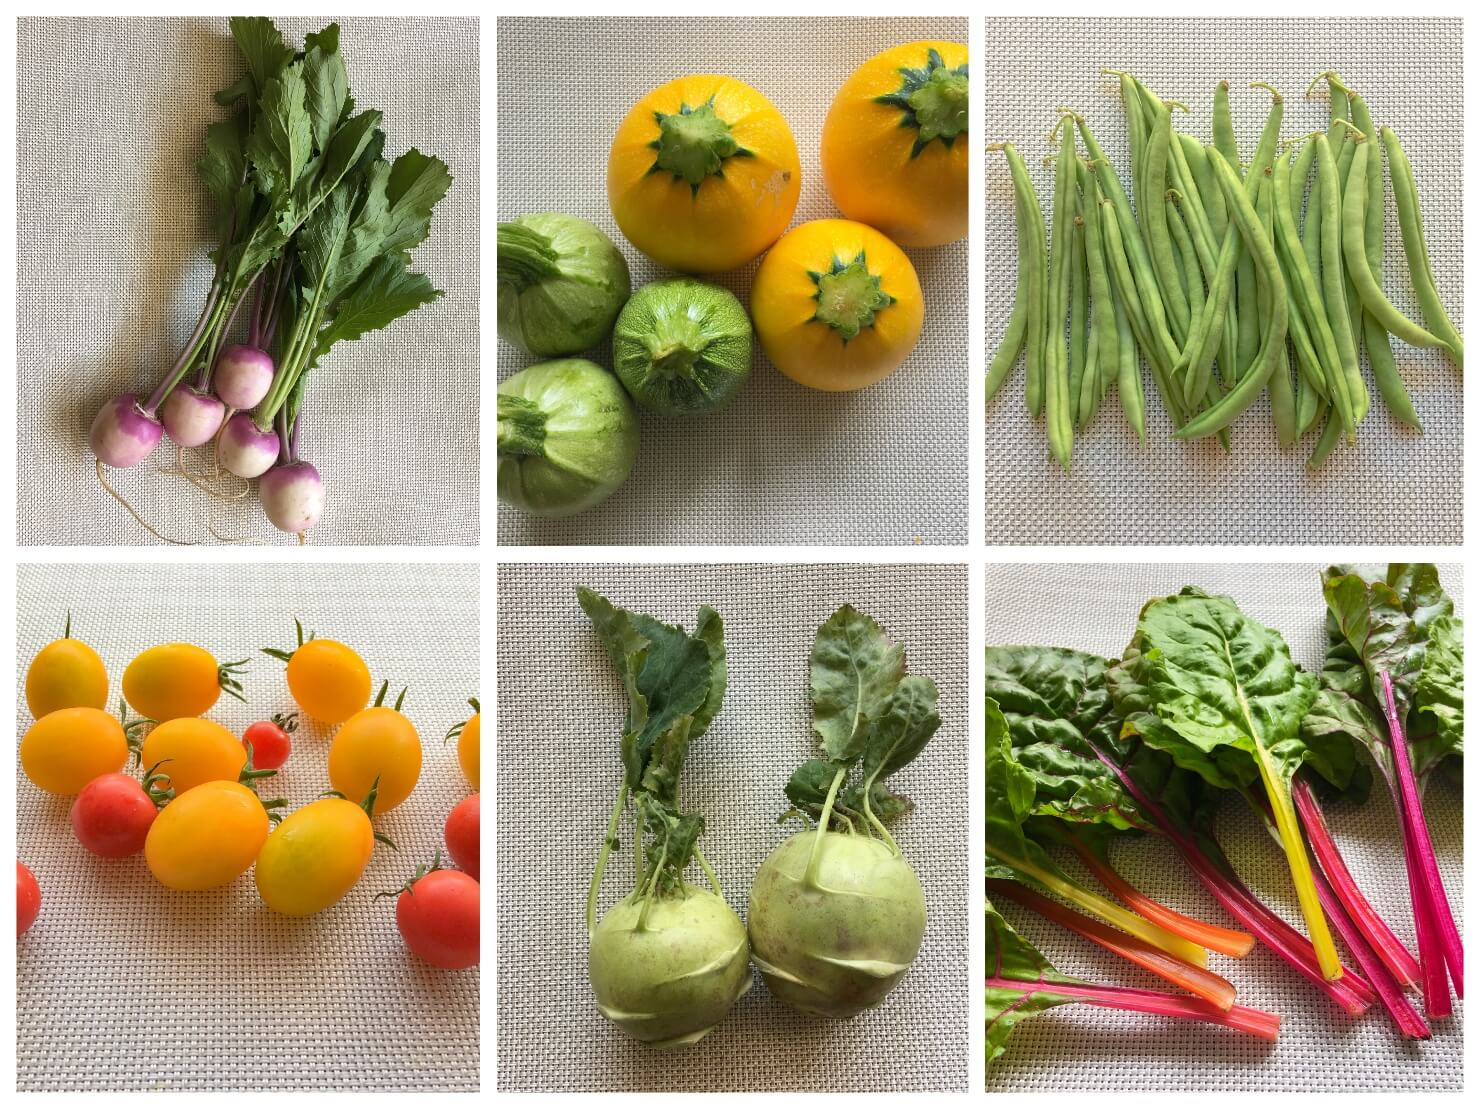 色のきれいな野菜の写真